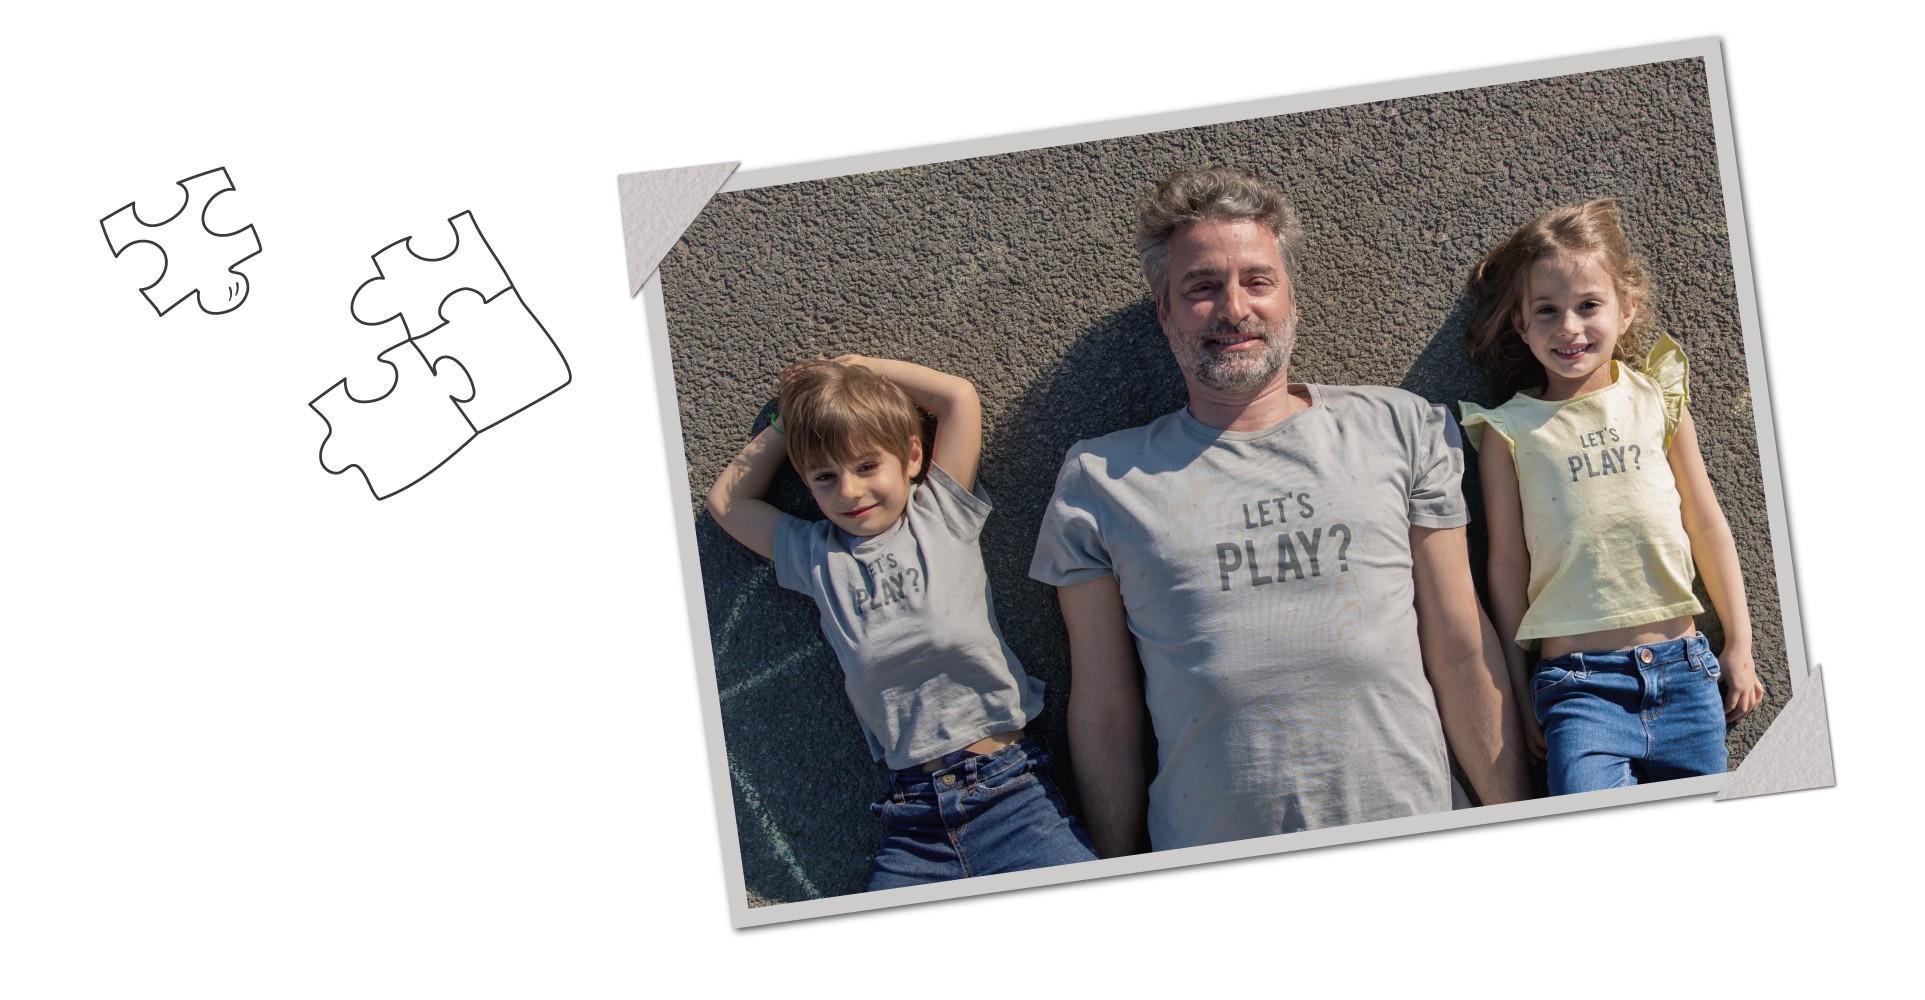 Edição especial - T-shirt Dia do Pai 2018 - familia - Let's Play